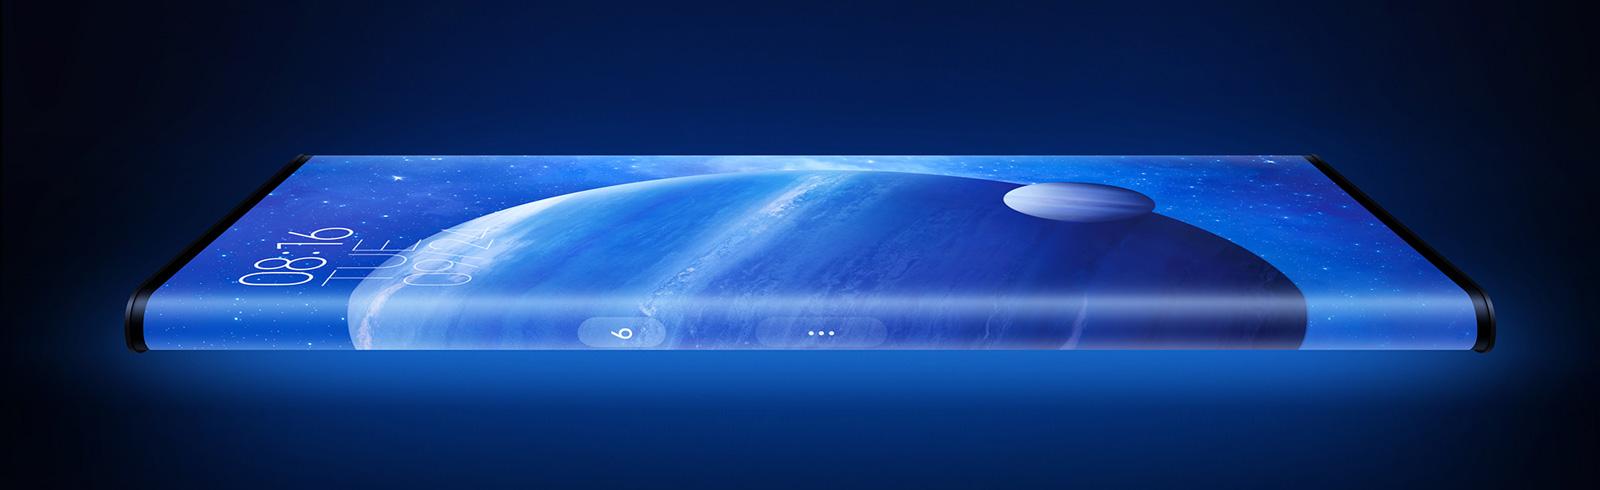 Xiaomi Mi MIX Alpha official promo video and photos